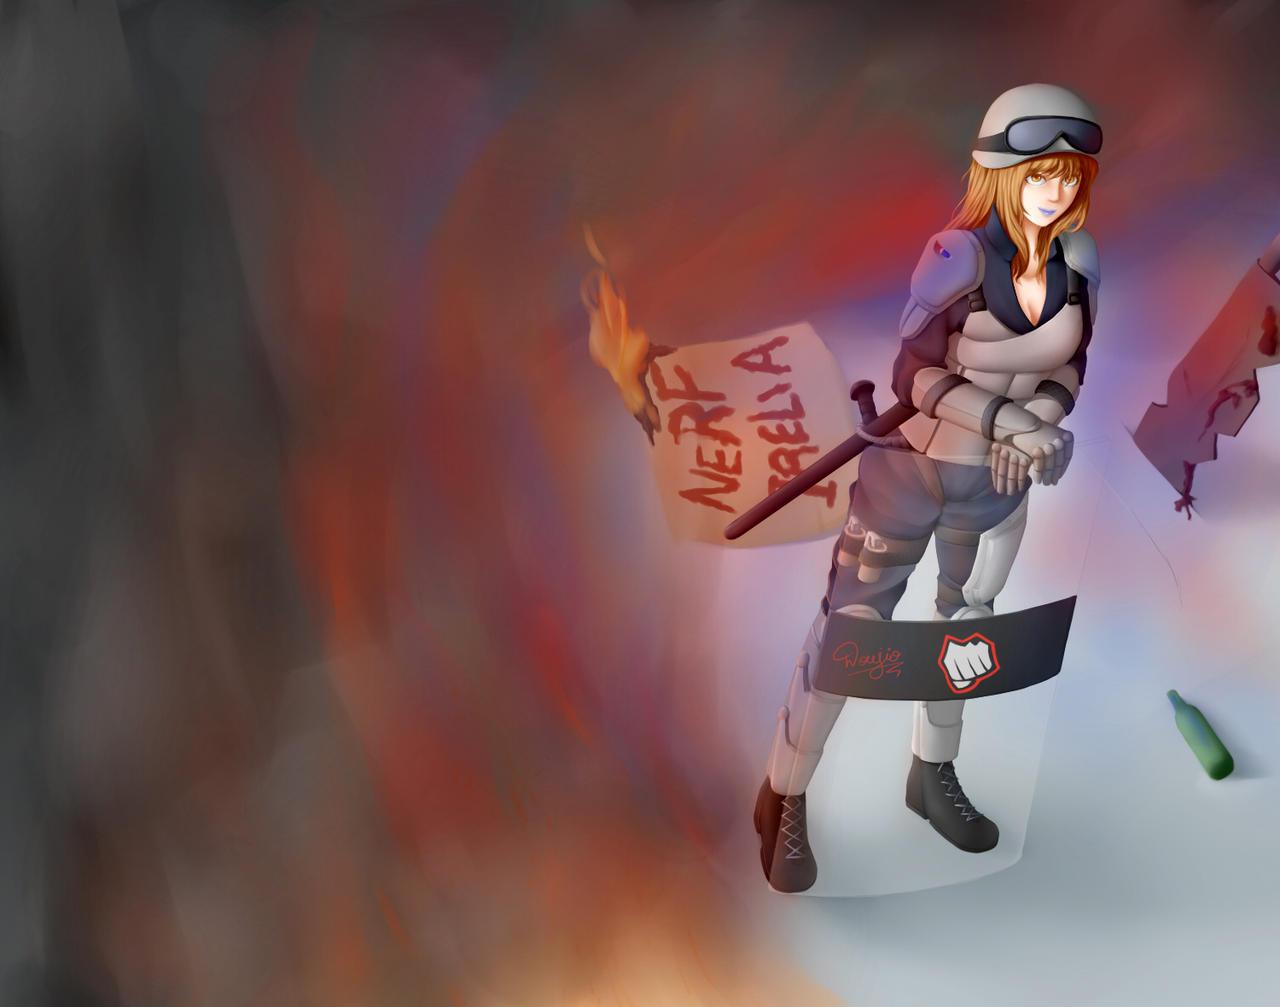 Riot Leona by Doujio